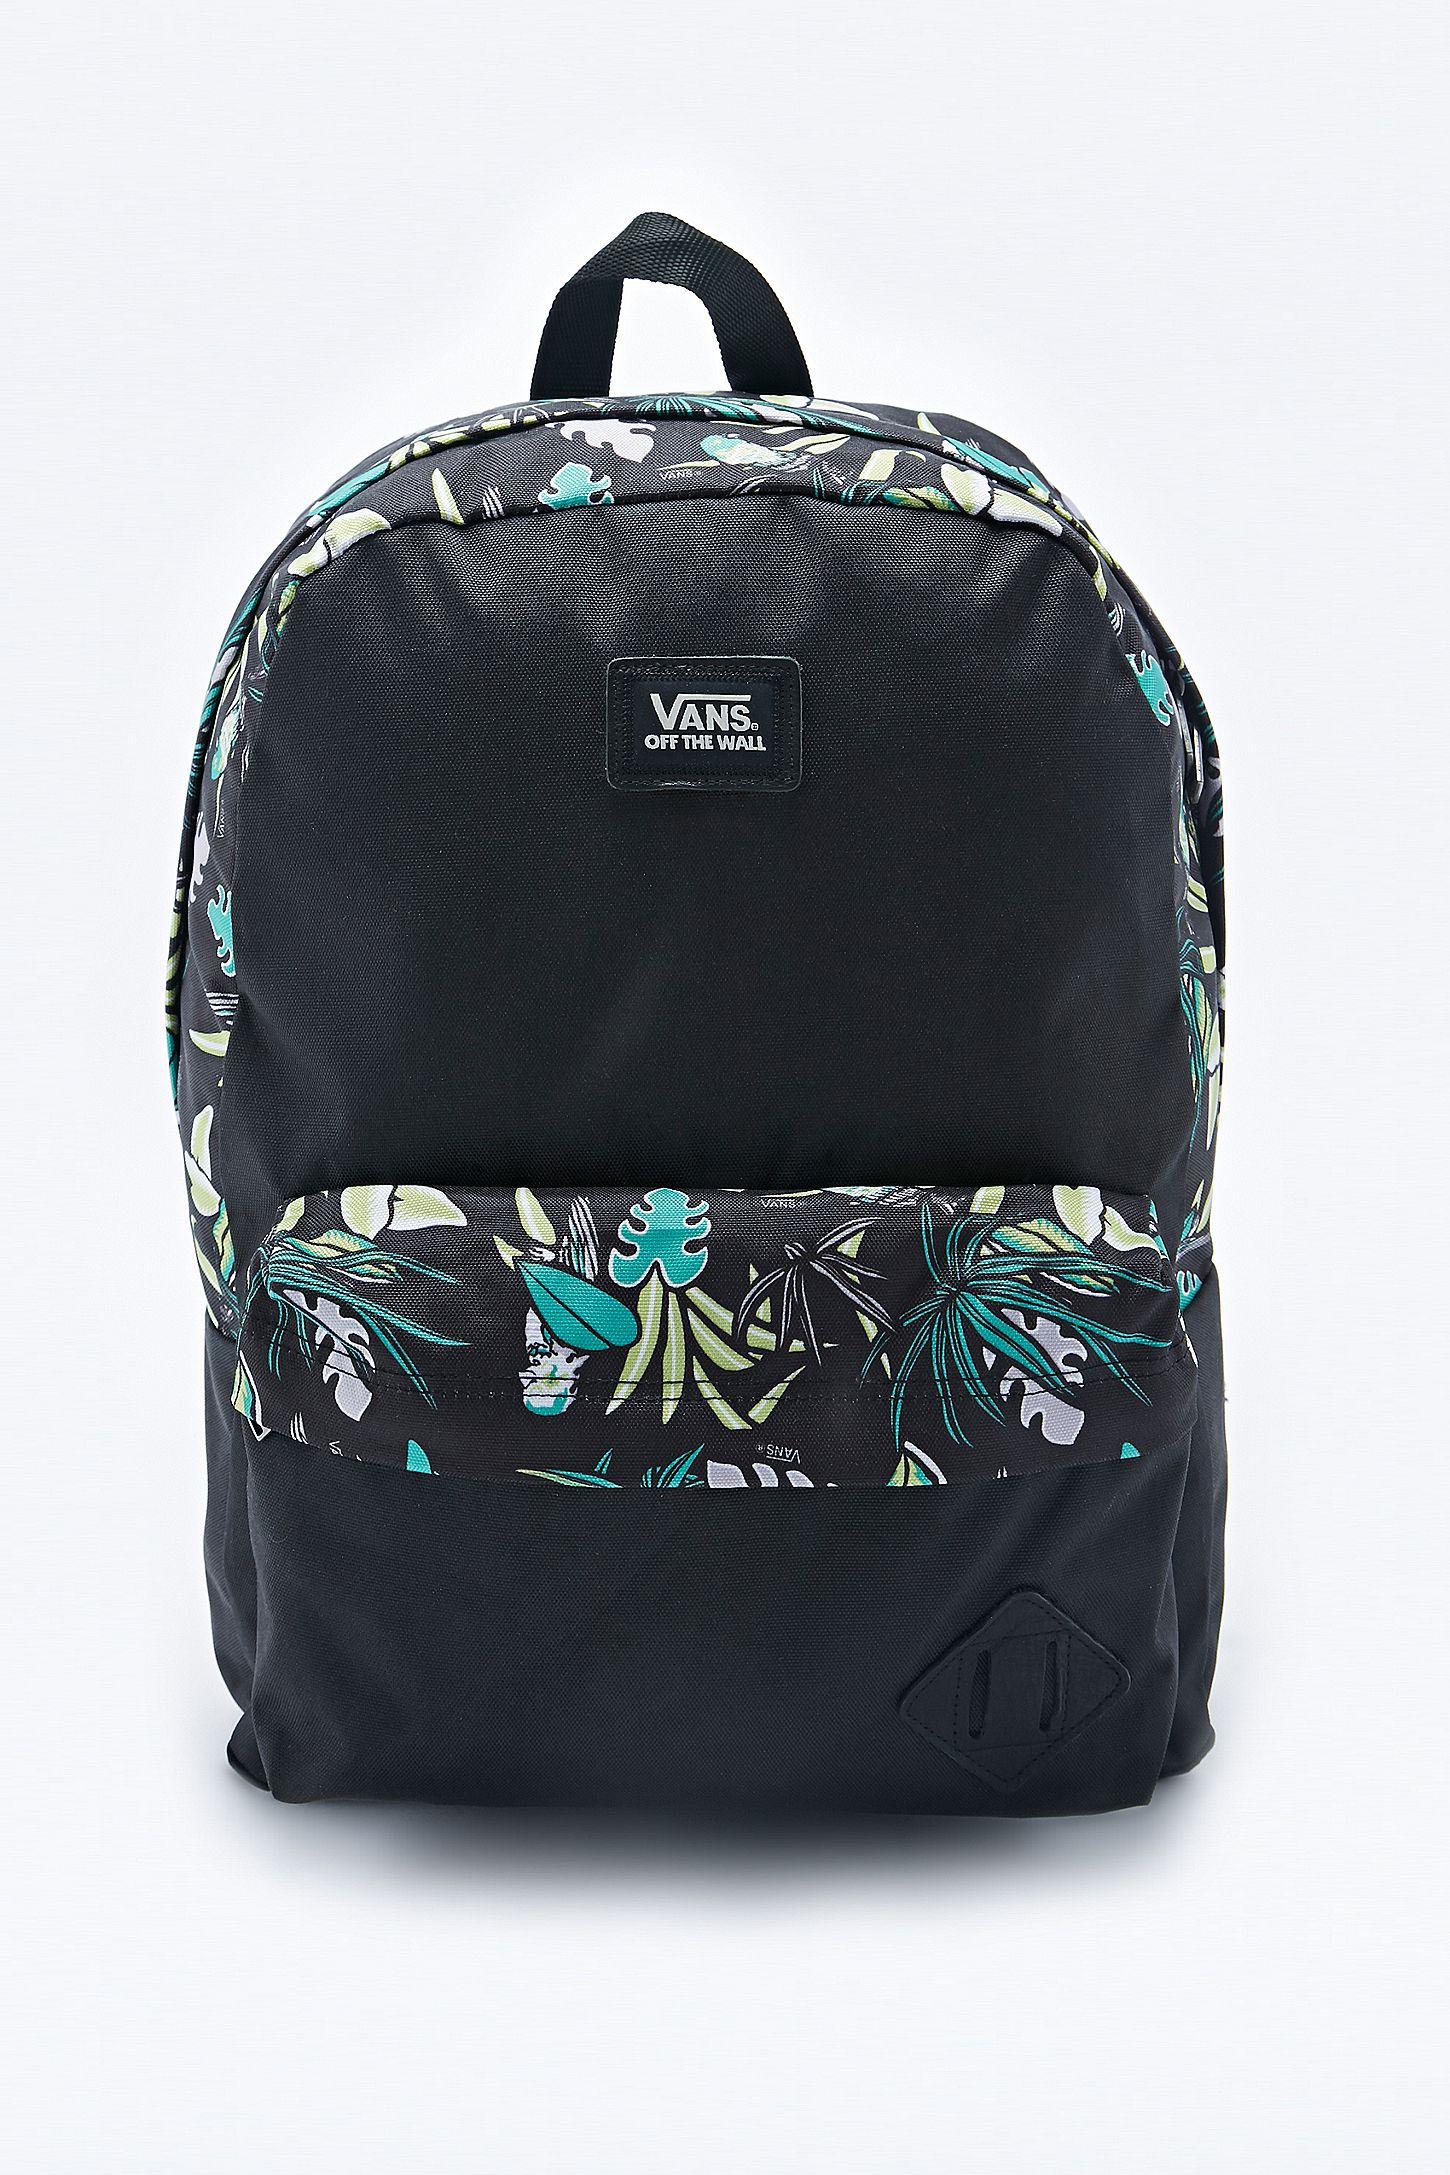 Vans Old Skool Tropical Backpack in Black